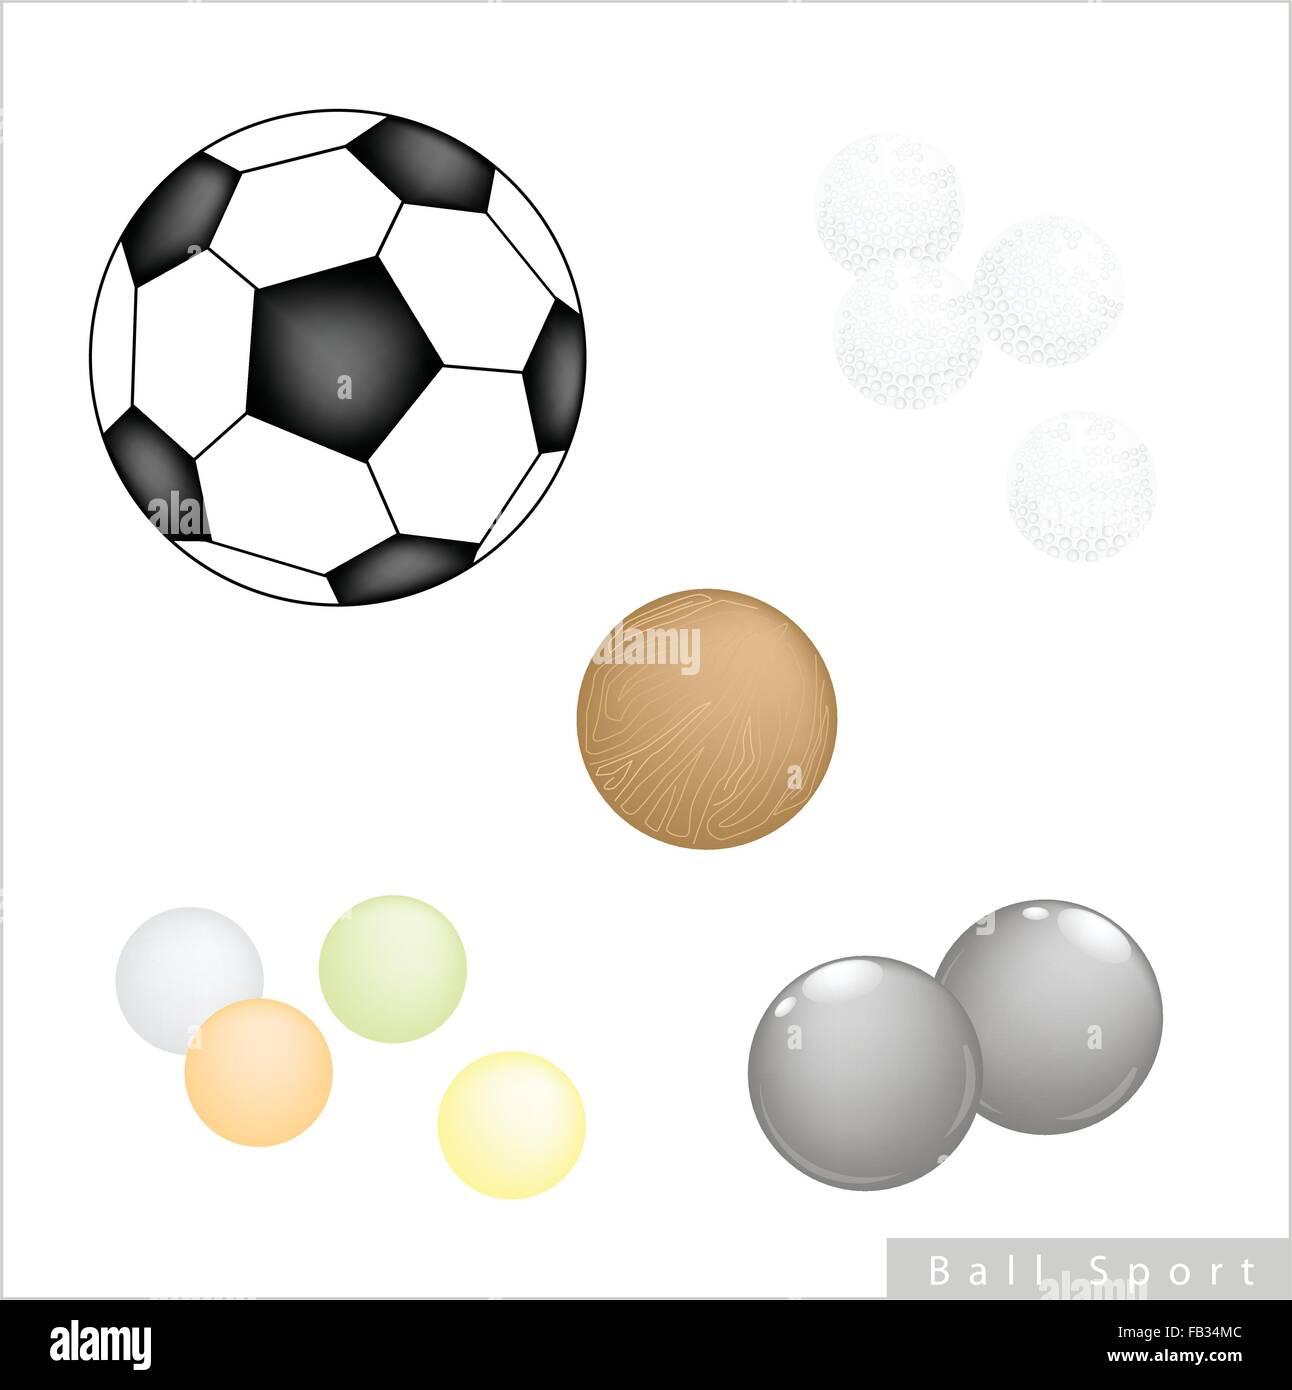 Sportartikel Illustration Sammlung Von 5 Verschiedene